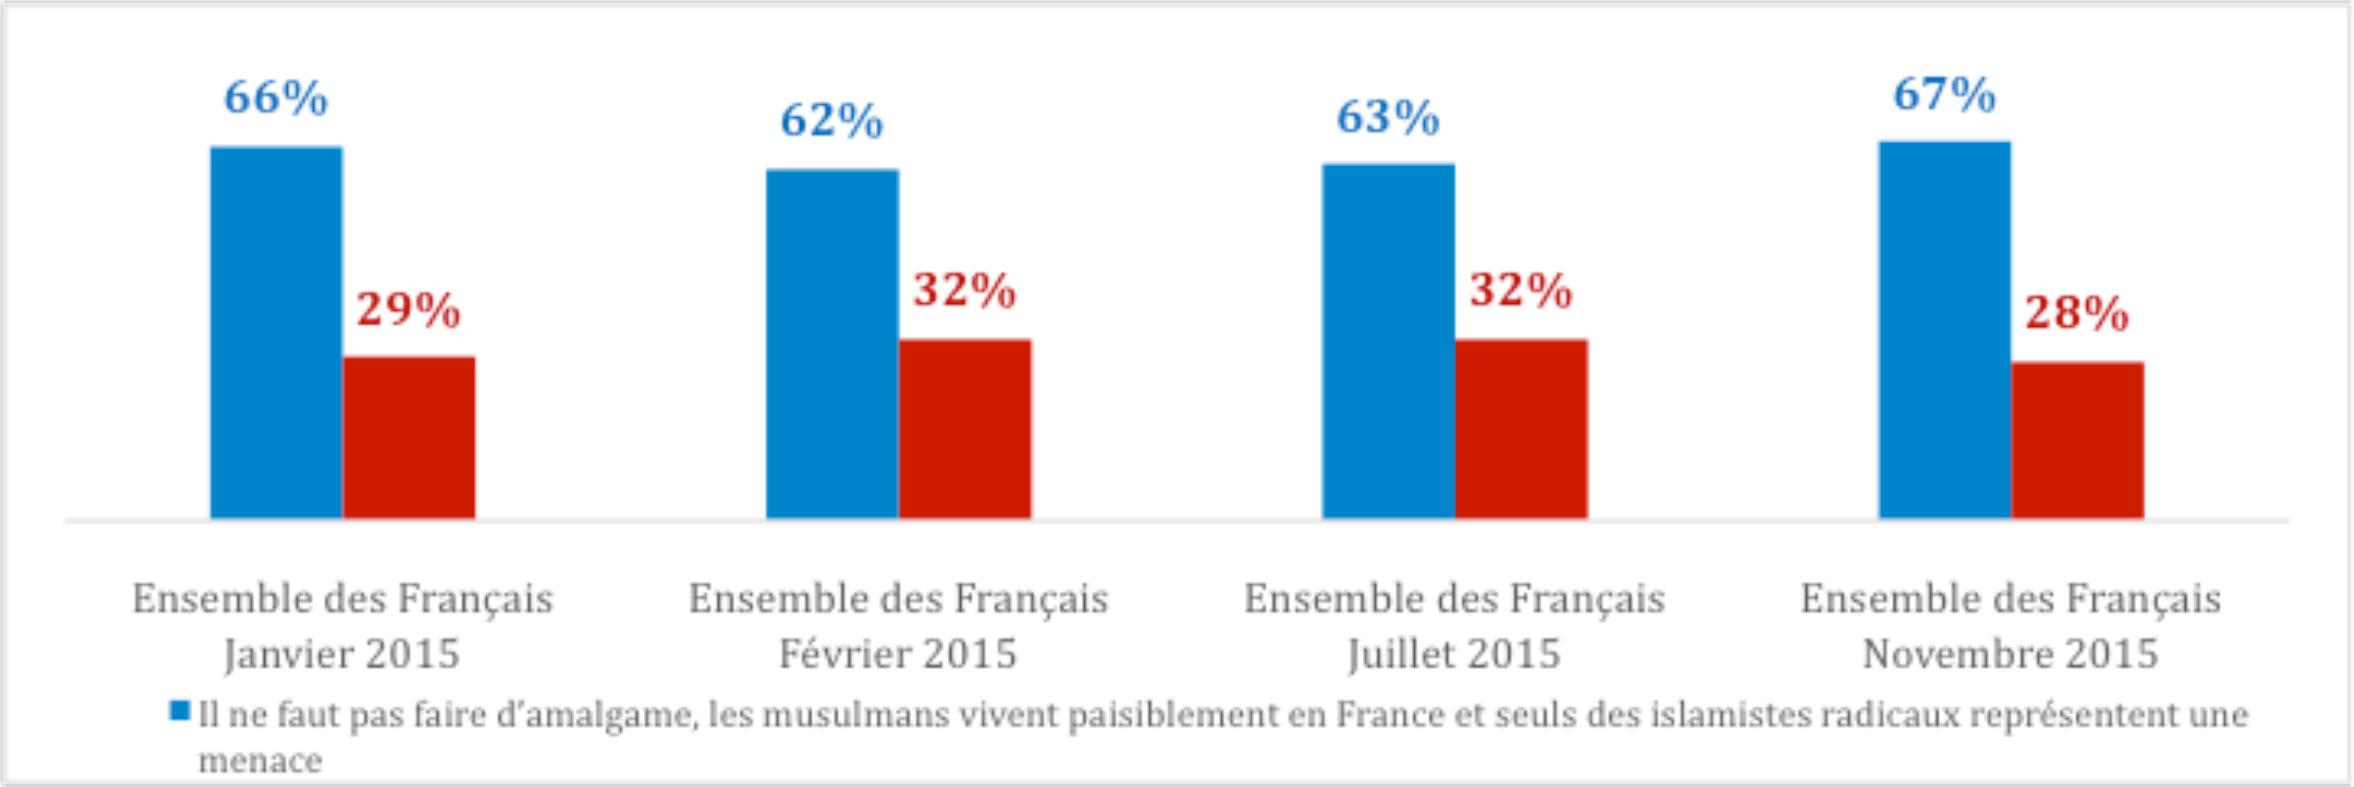 Le rapport des Français à l'islam en France